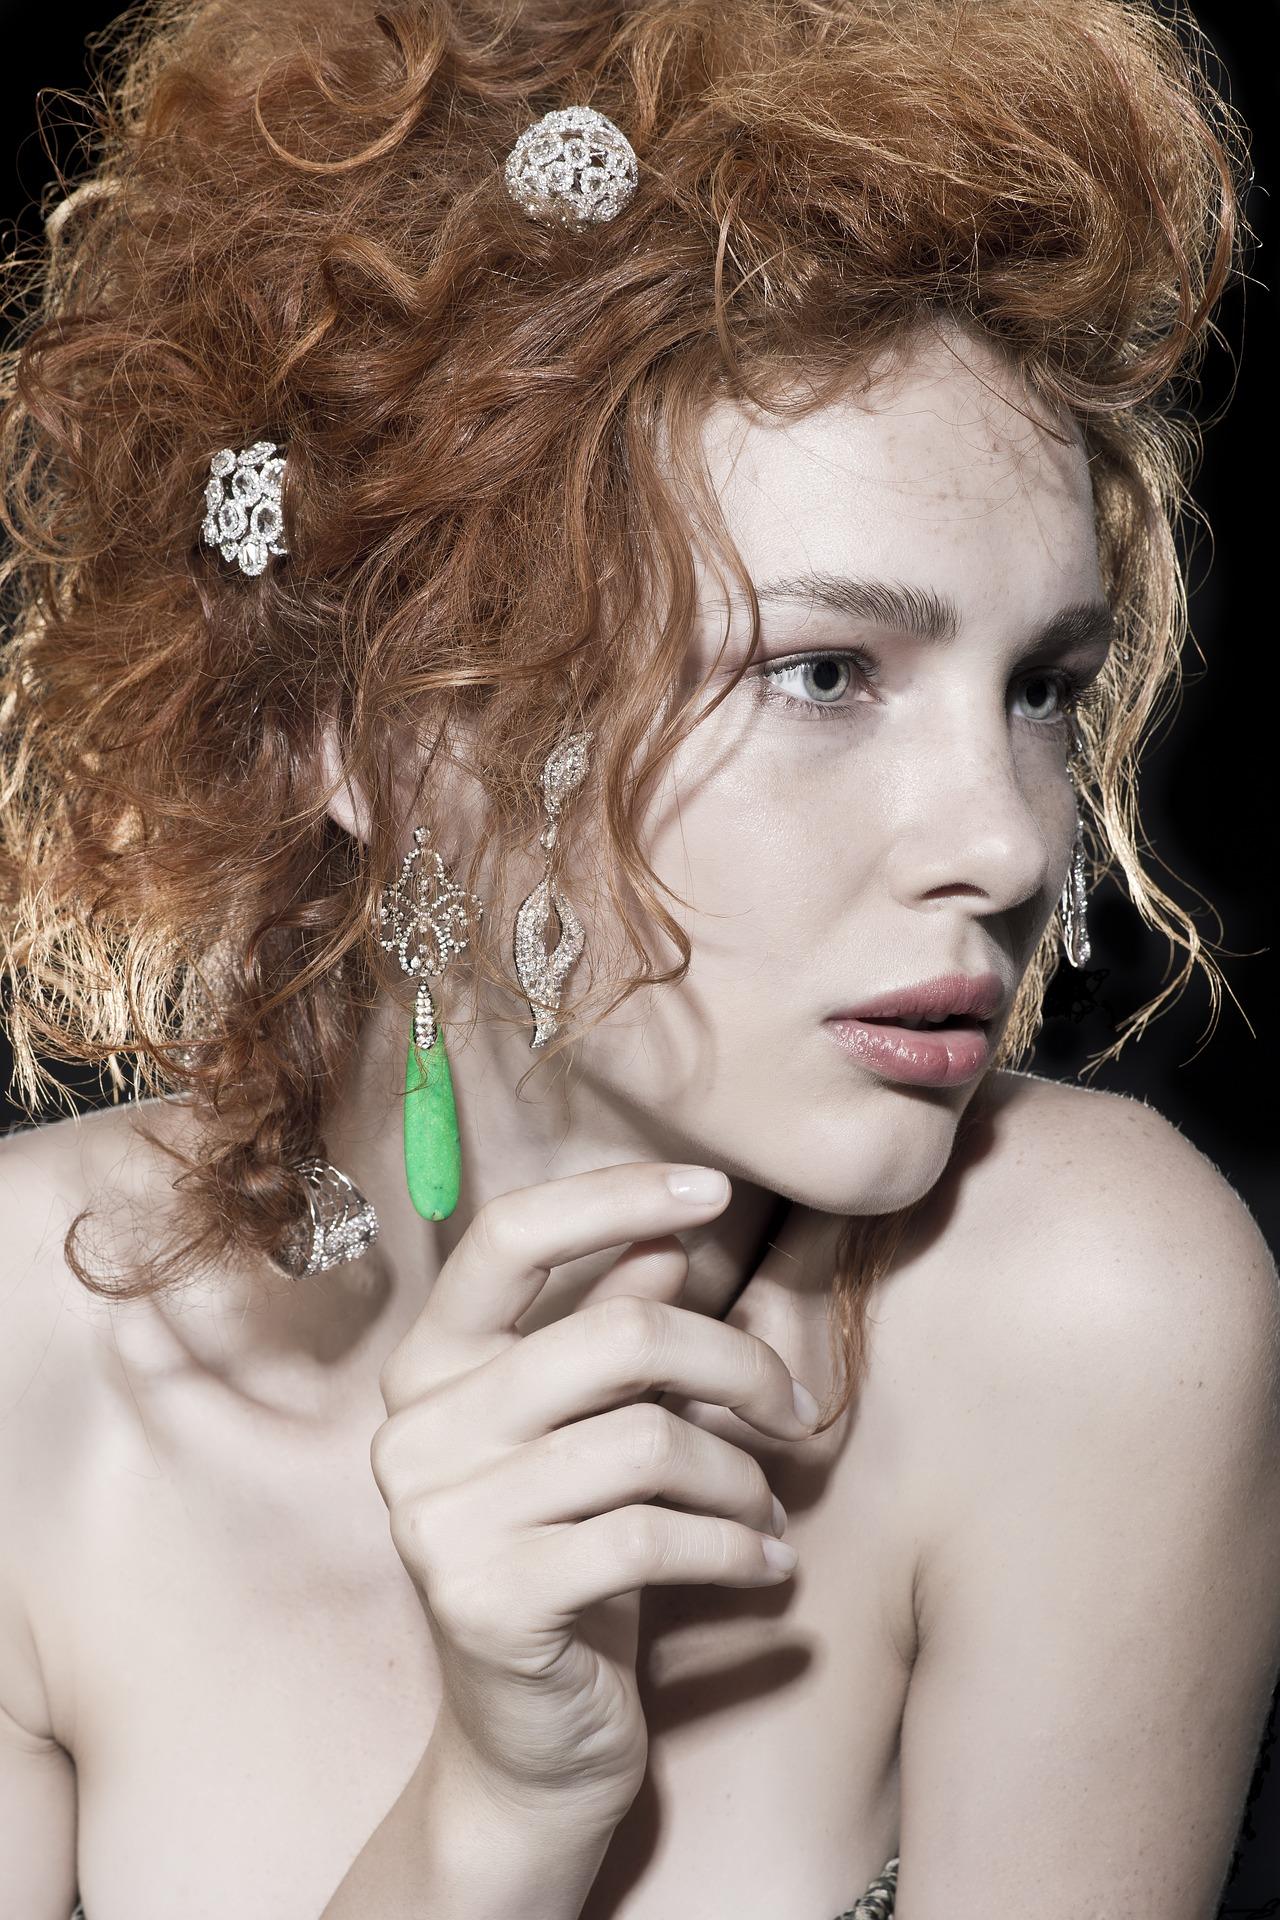 %E0%B9%84%E0%B8%AB%E0%B8%A1+emerald?format=original